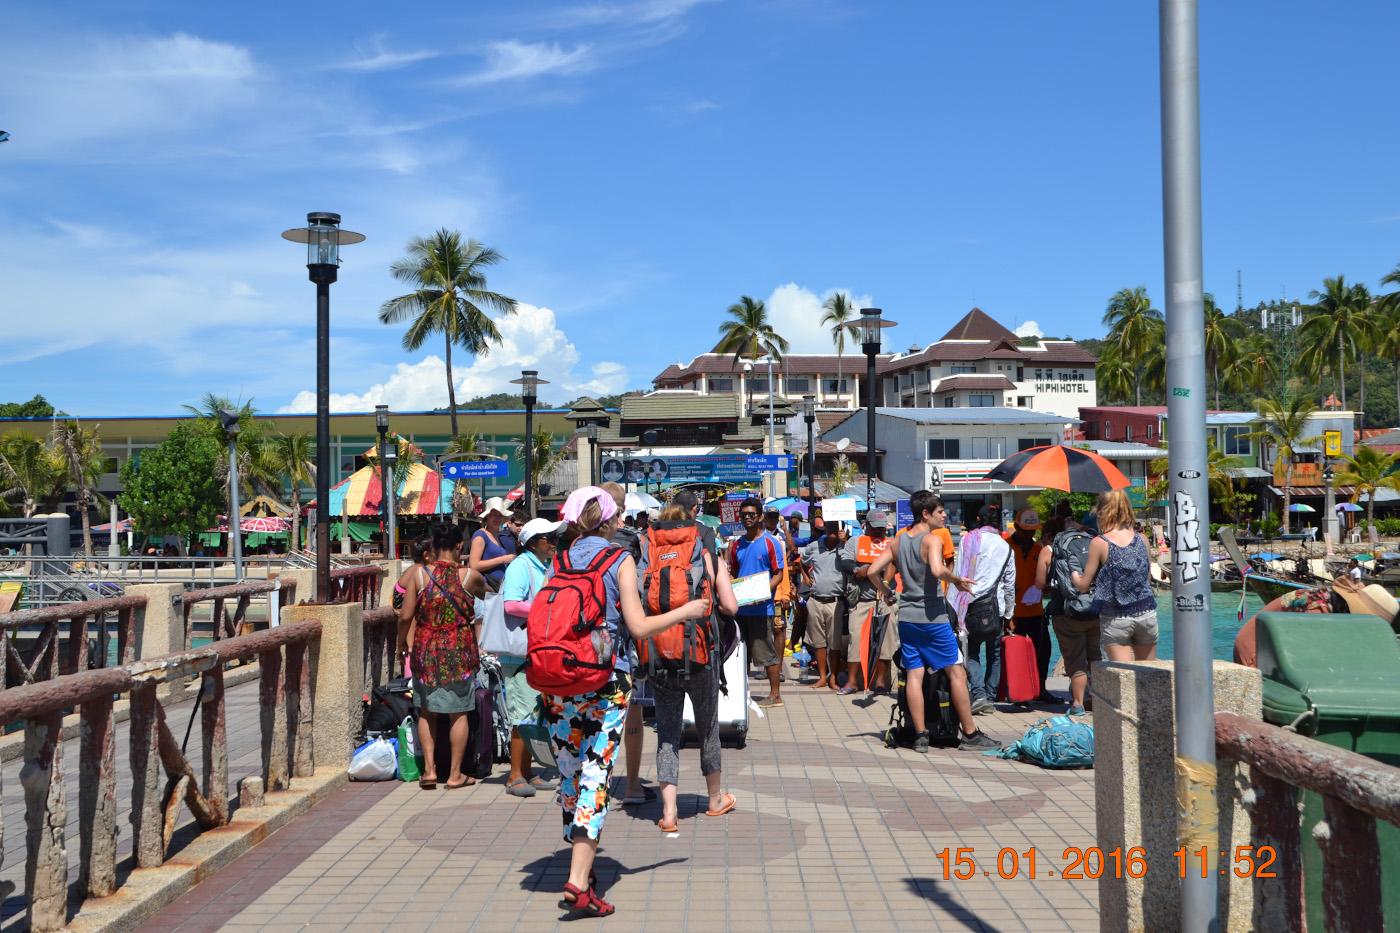 Фото 6. Прибытие туристов на остров Пхи Пхи Дон. Пирс. 1/400, 10.0, 100, 55.